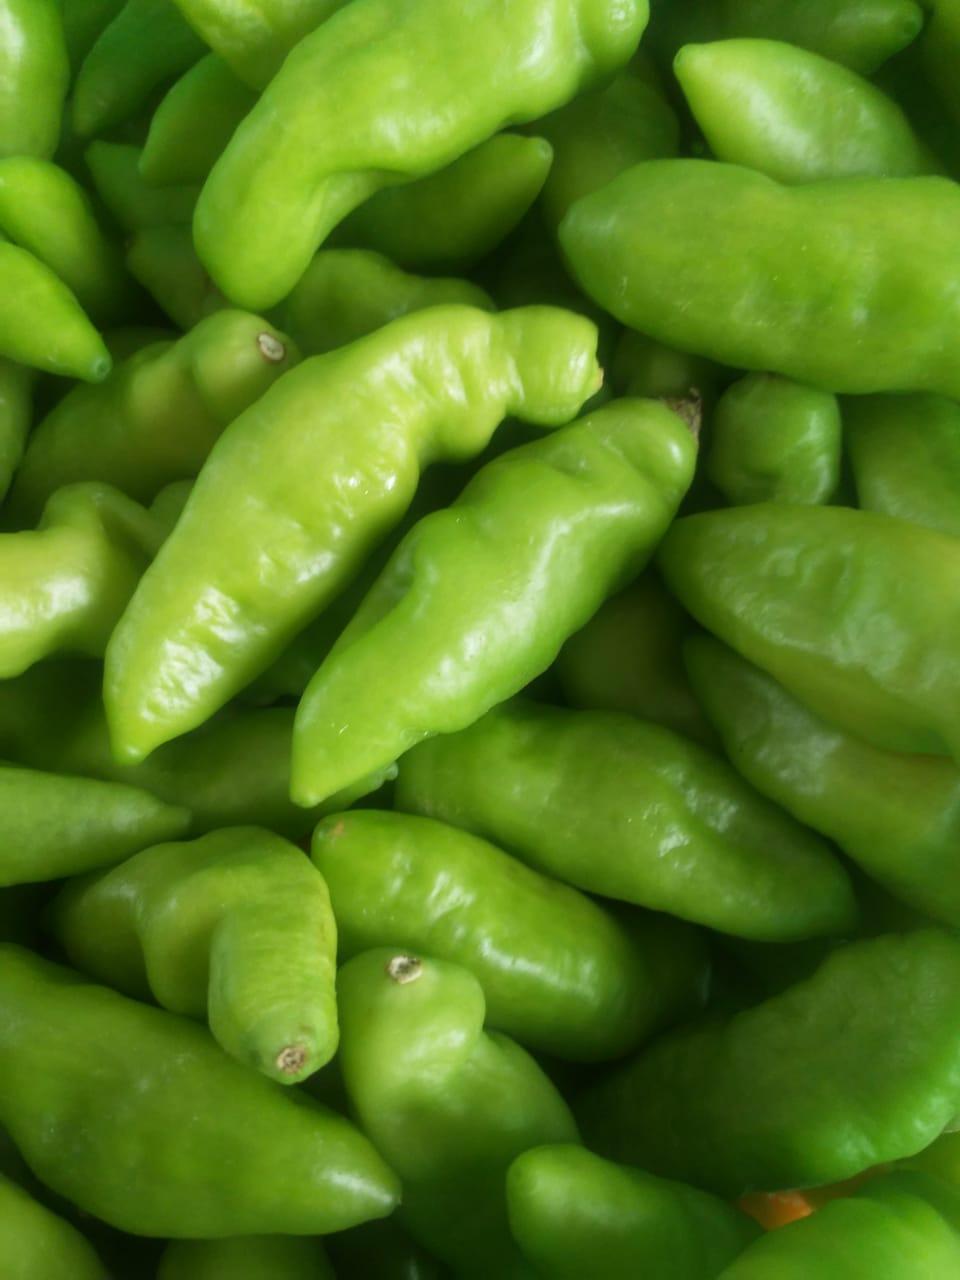 Agro culinária – Receita de molho de pimenta de cheiro (muito bom!)